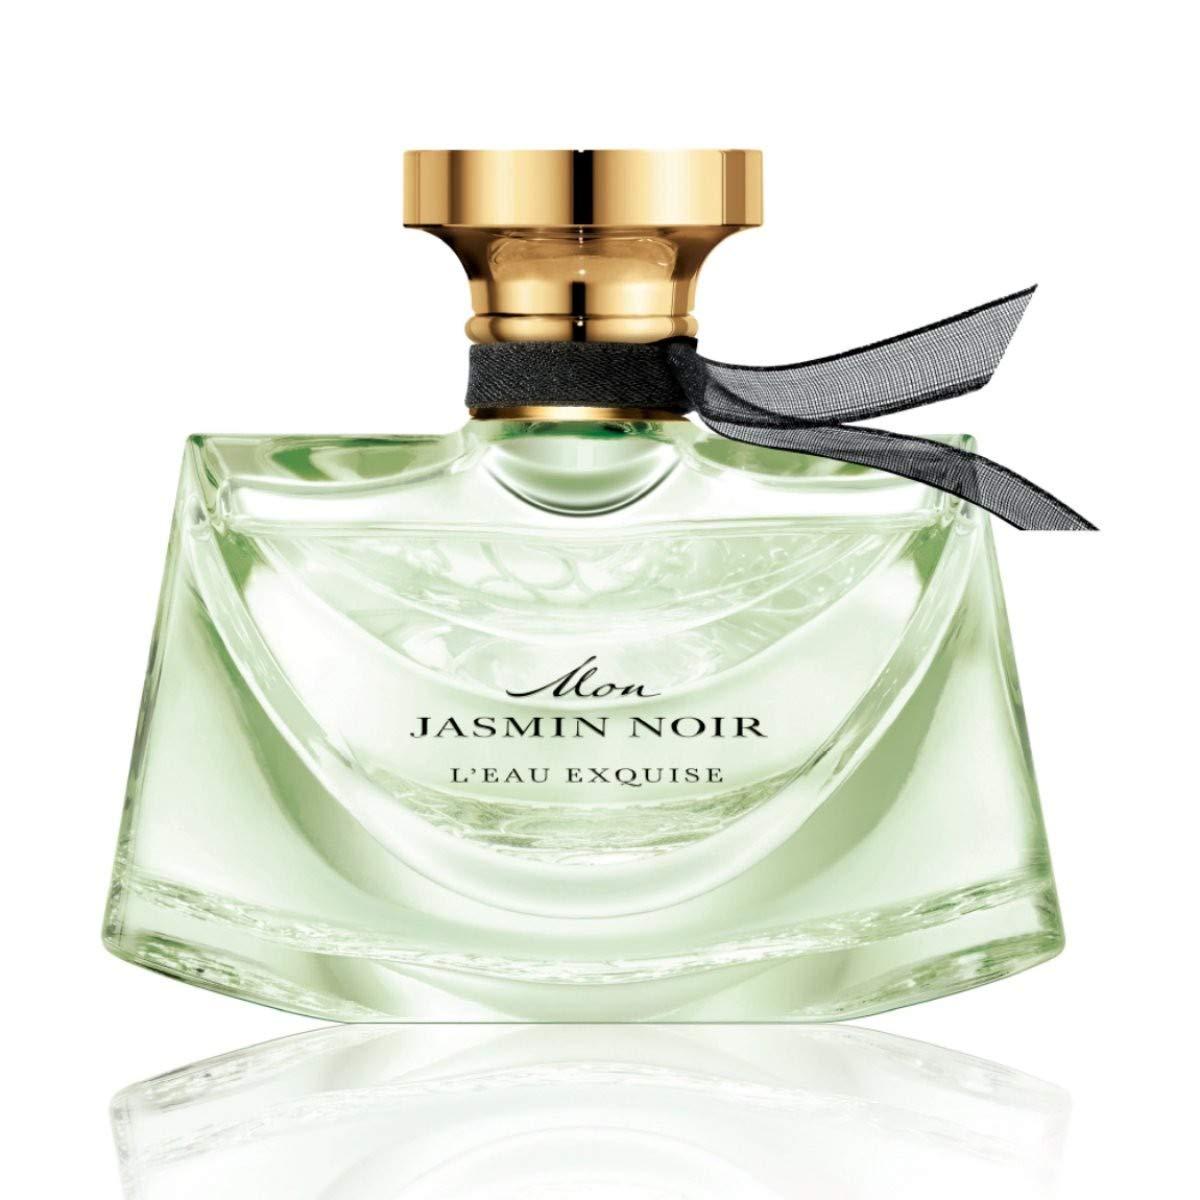 Bvlgari Mon Jasmin Noir L'eau Exquise Eau de Toilette Spray for Women, 1.7 Ounce 0783320402128 38603